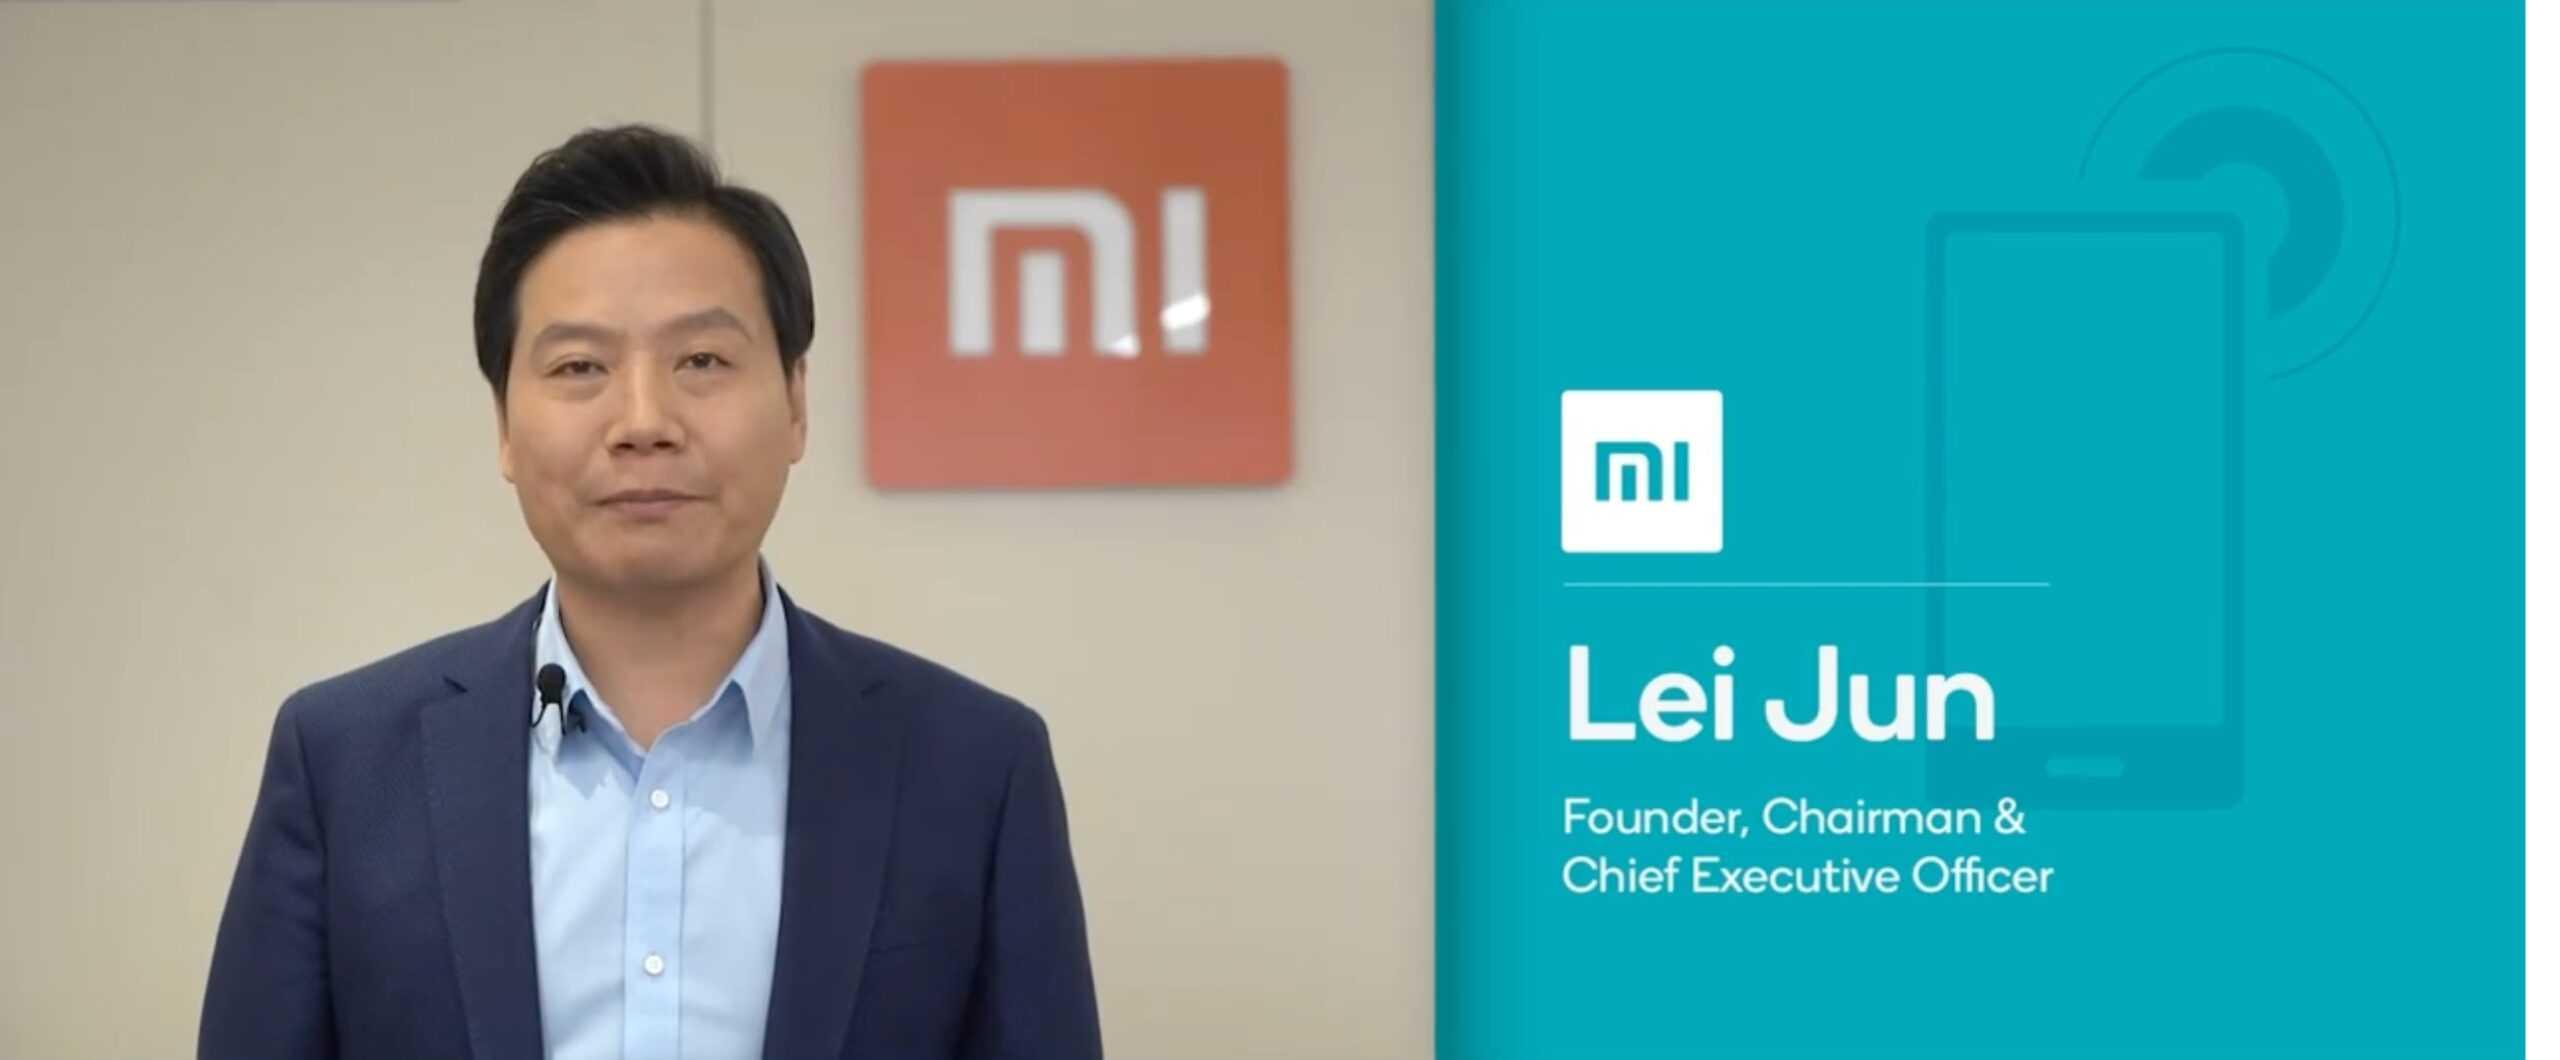 Toutes les clés de l'entrée de Xiaomi dans le monde des voitures électriques